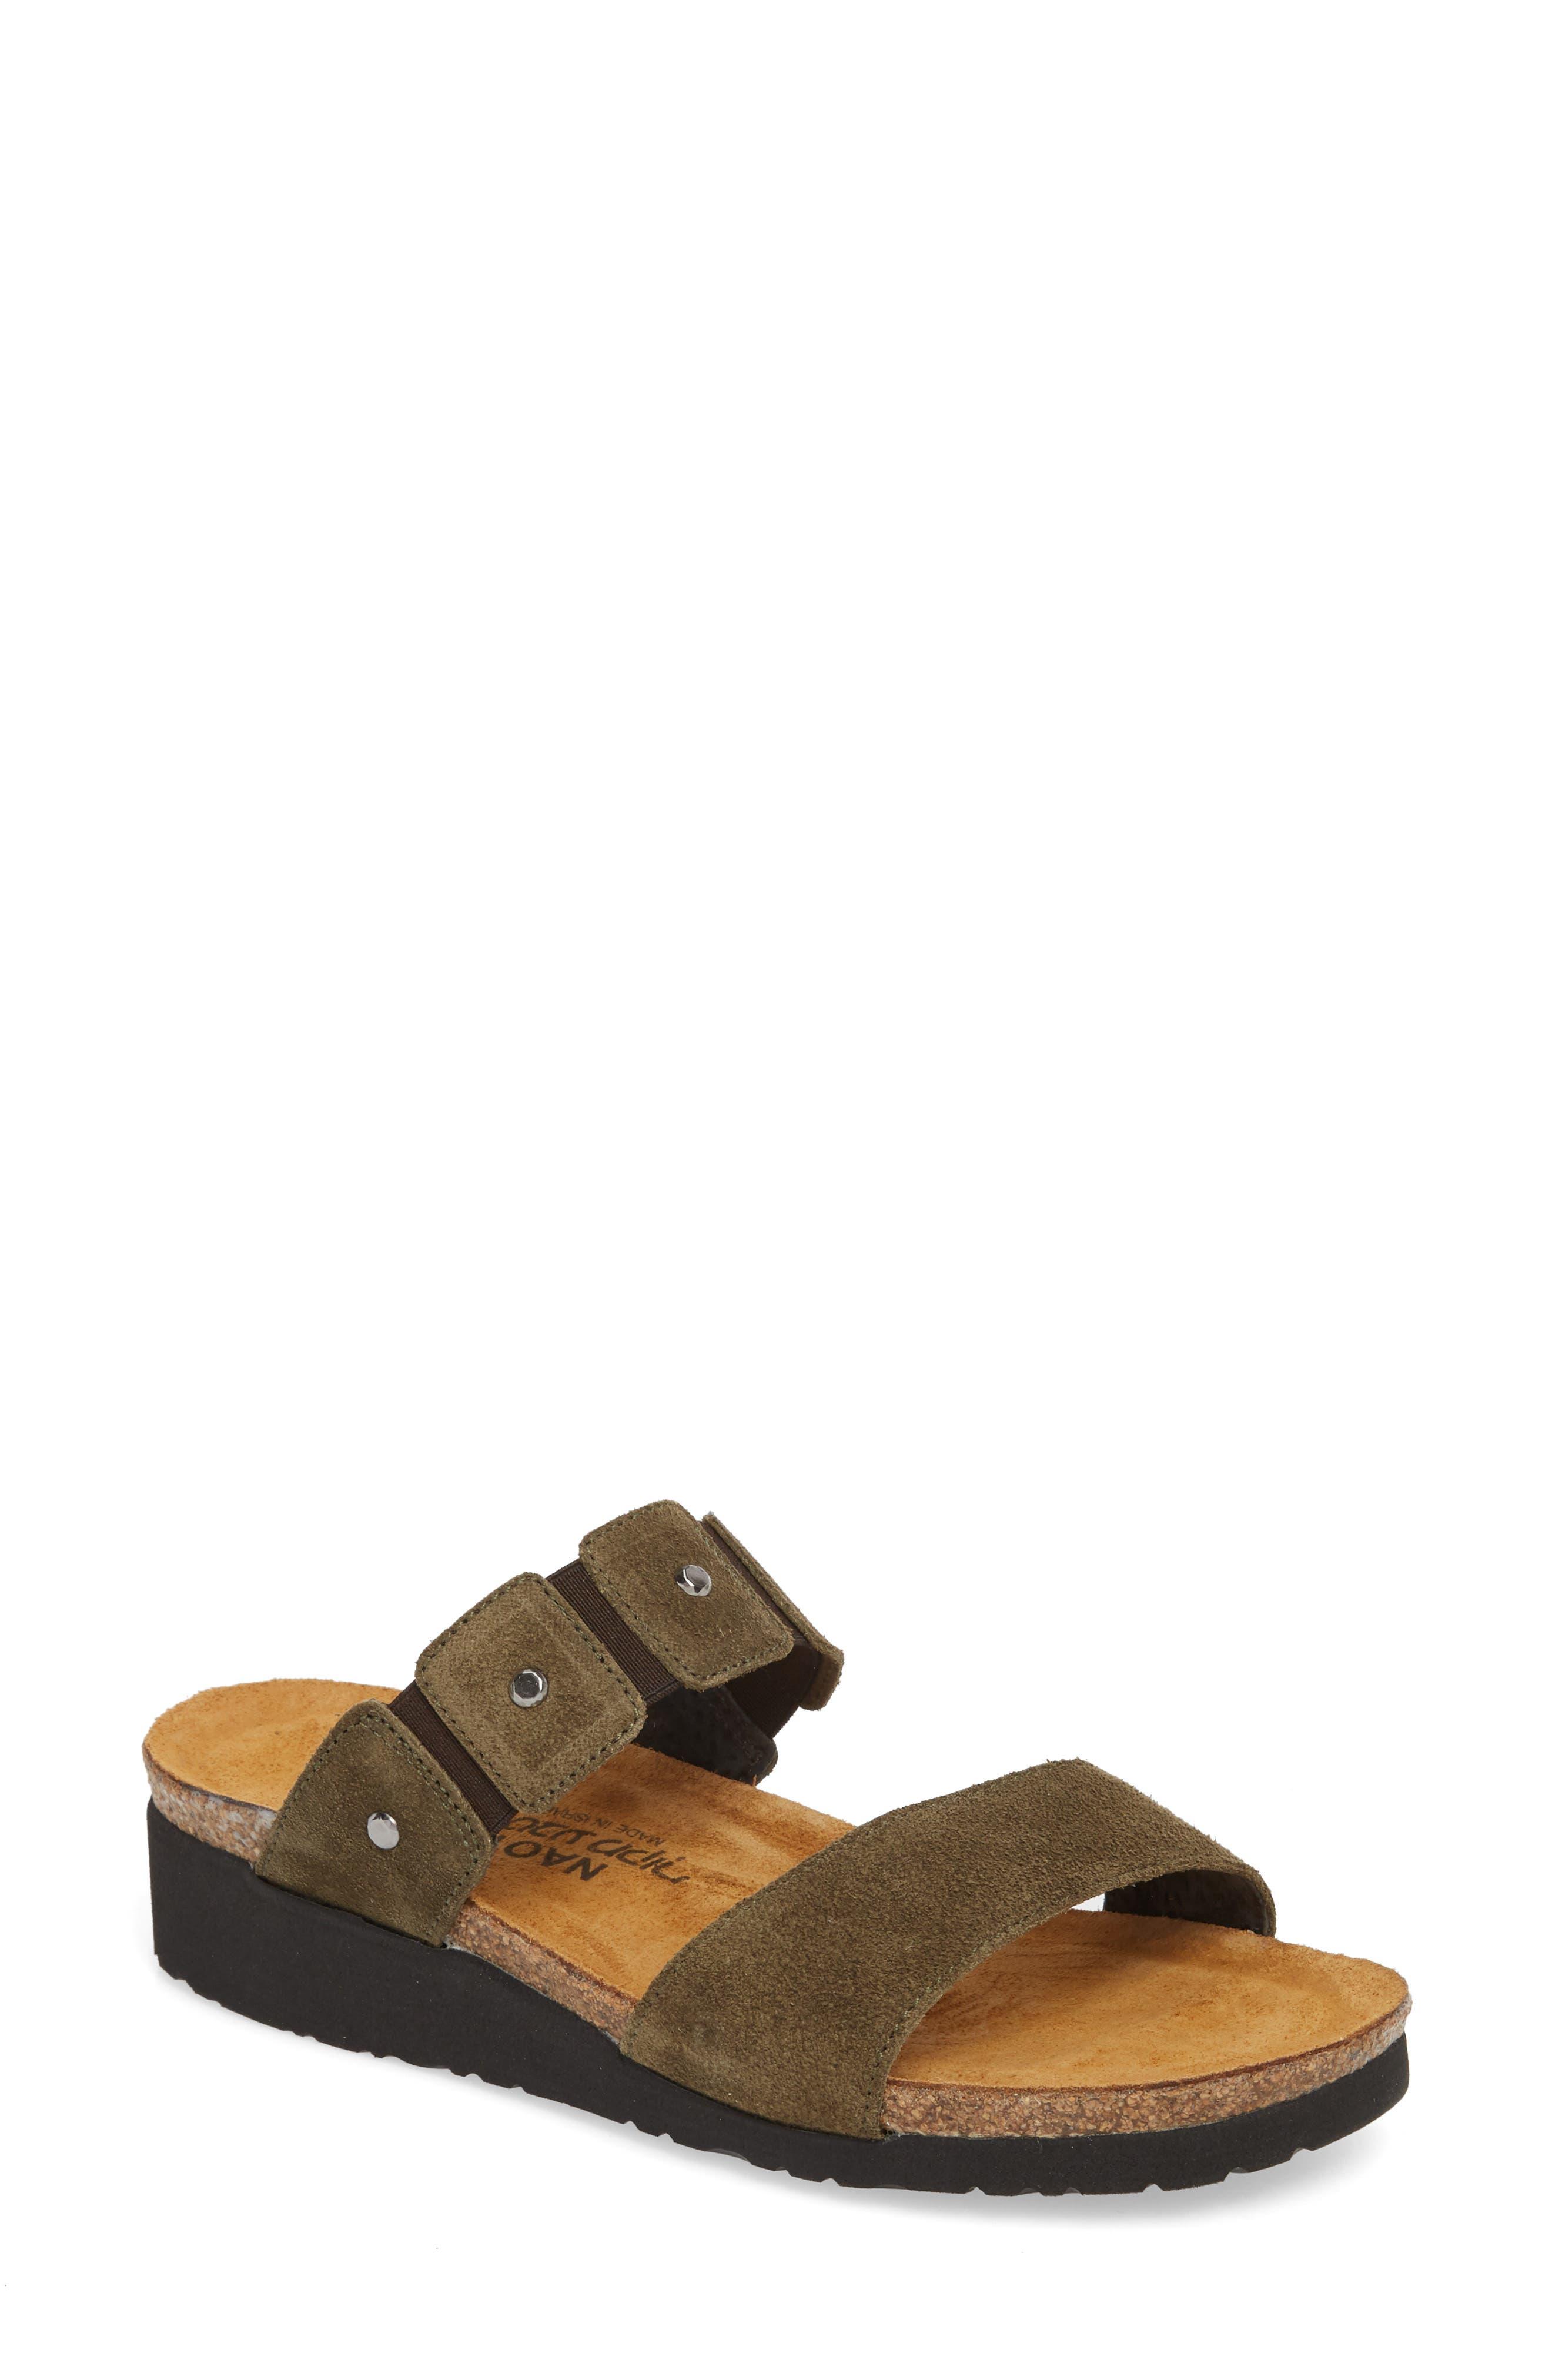 Scarlett Slide Sandal,                         Main,                         color, OILY OLIVE SUEDE